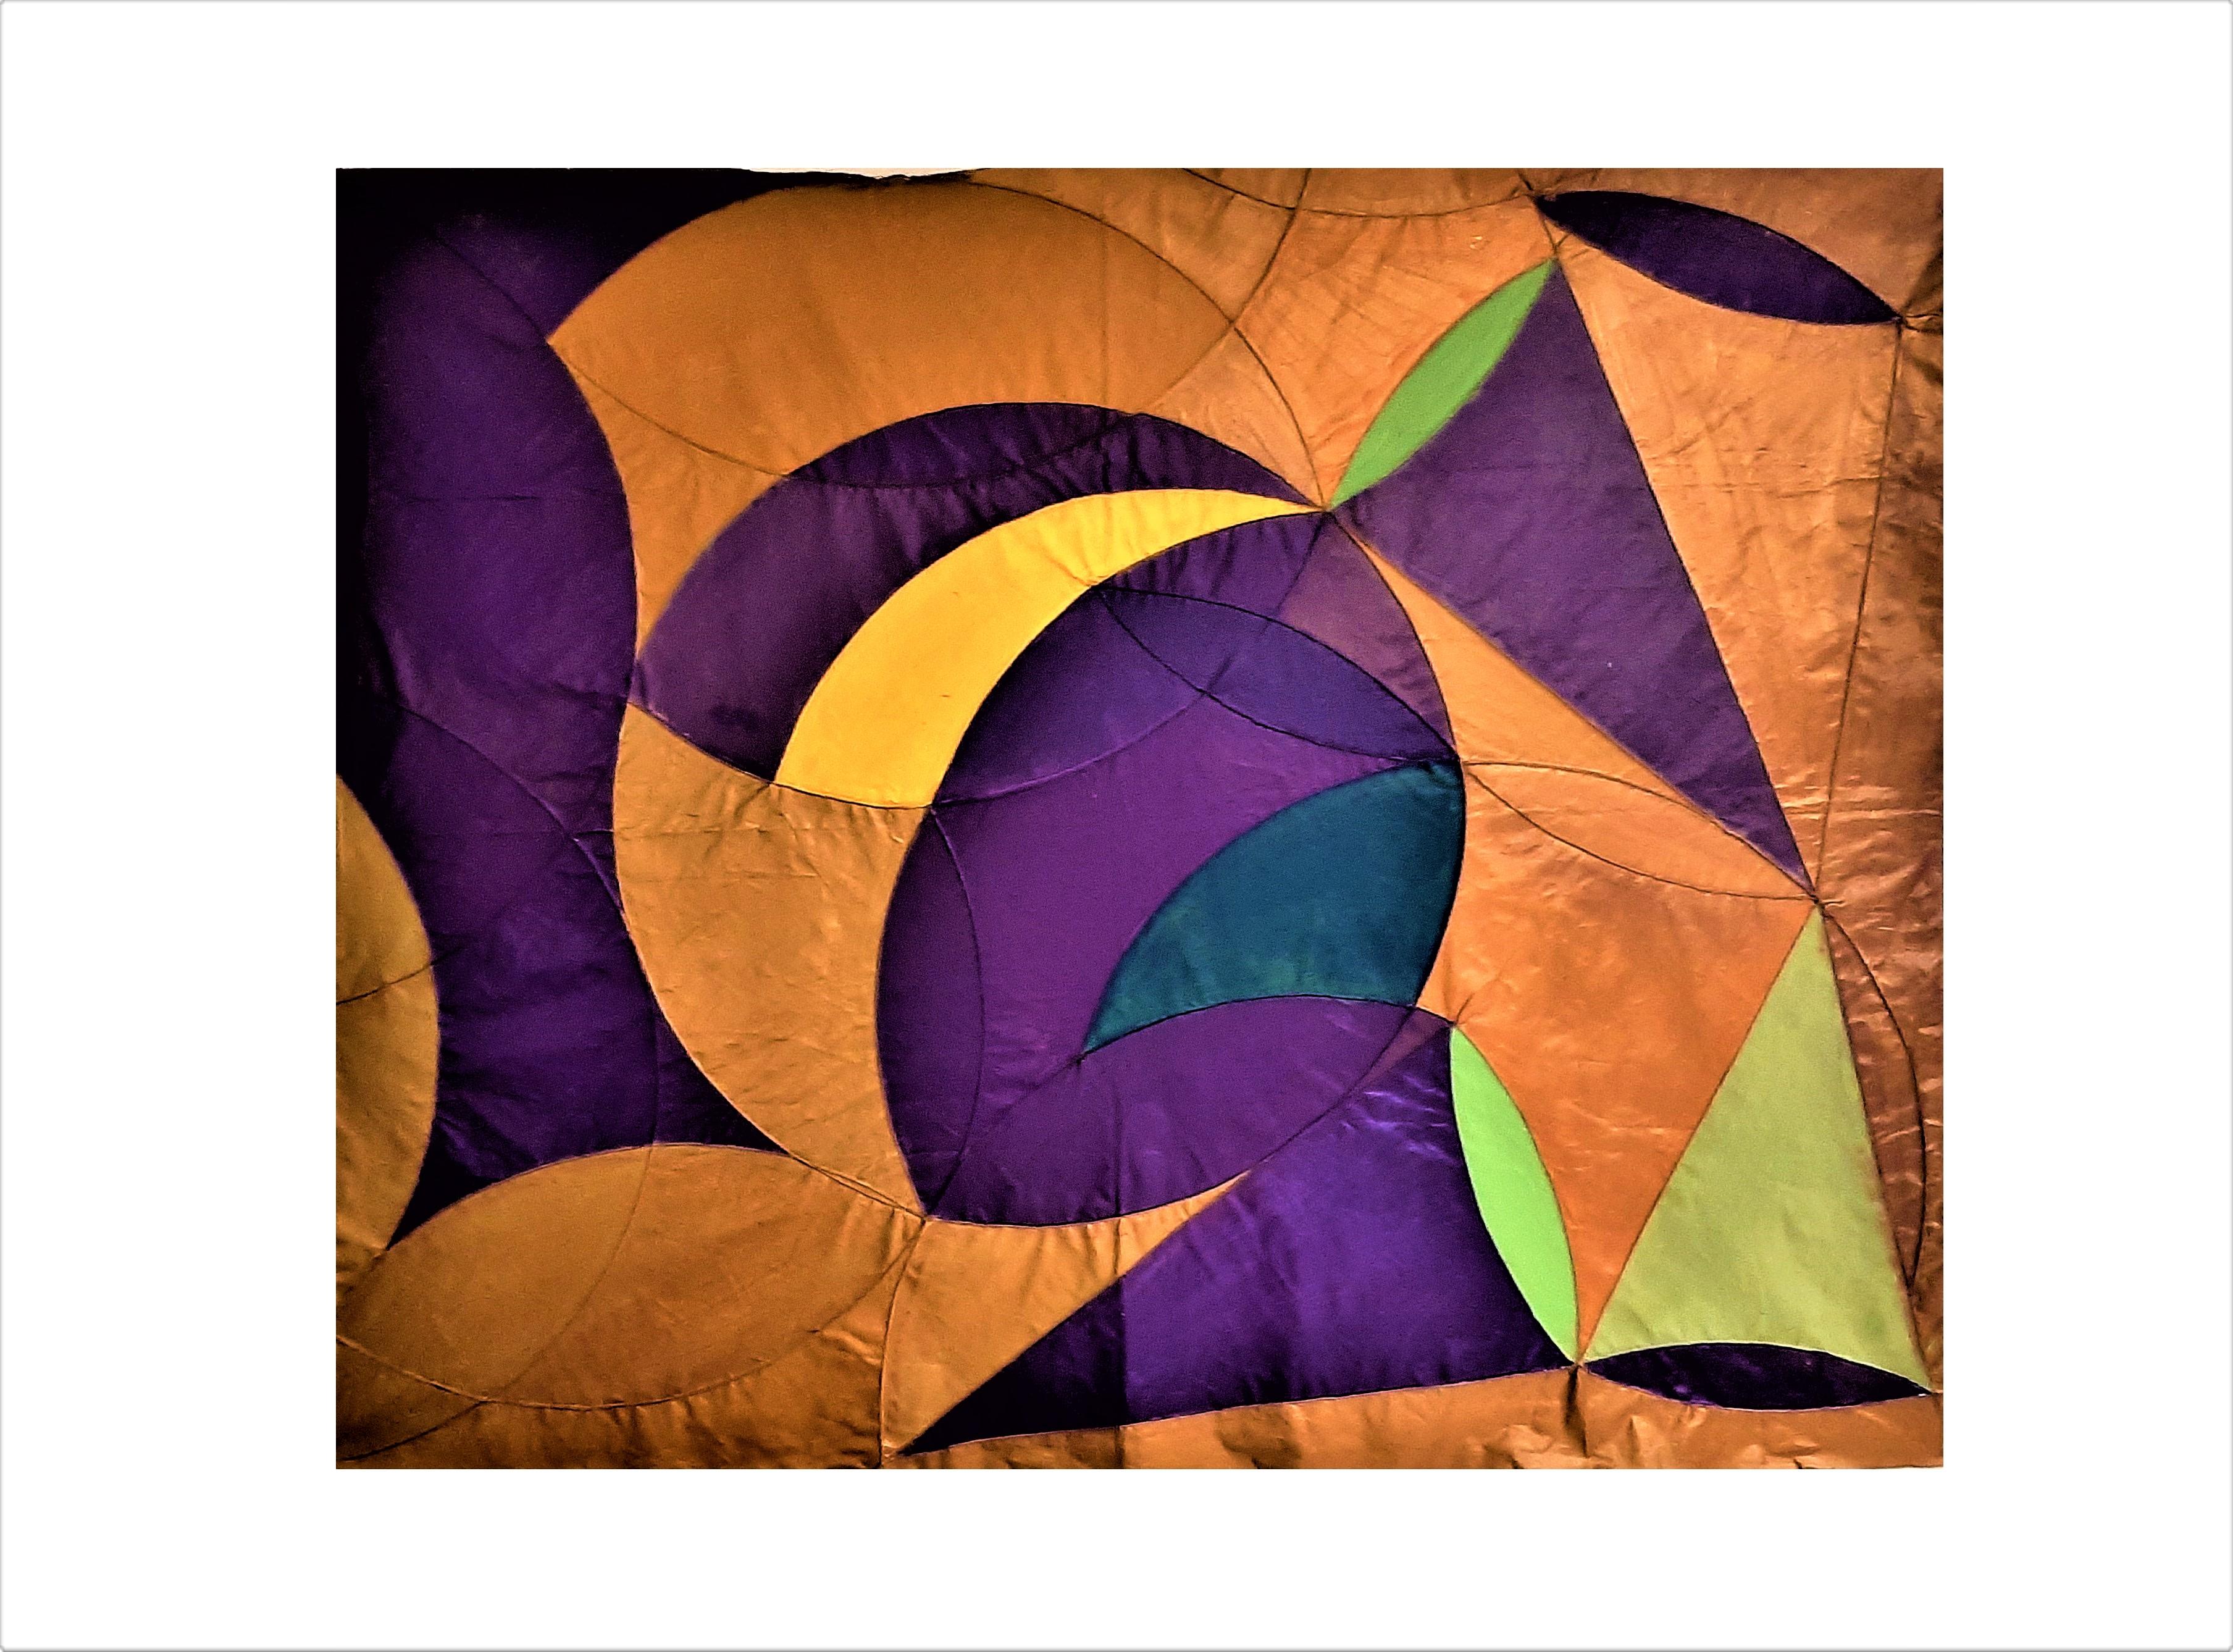 Obra de Mário Camargo em tons de laranja, verde e roxo. Abstrata